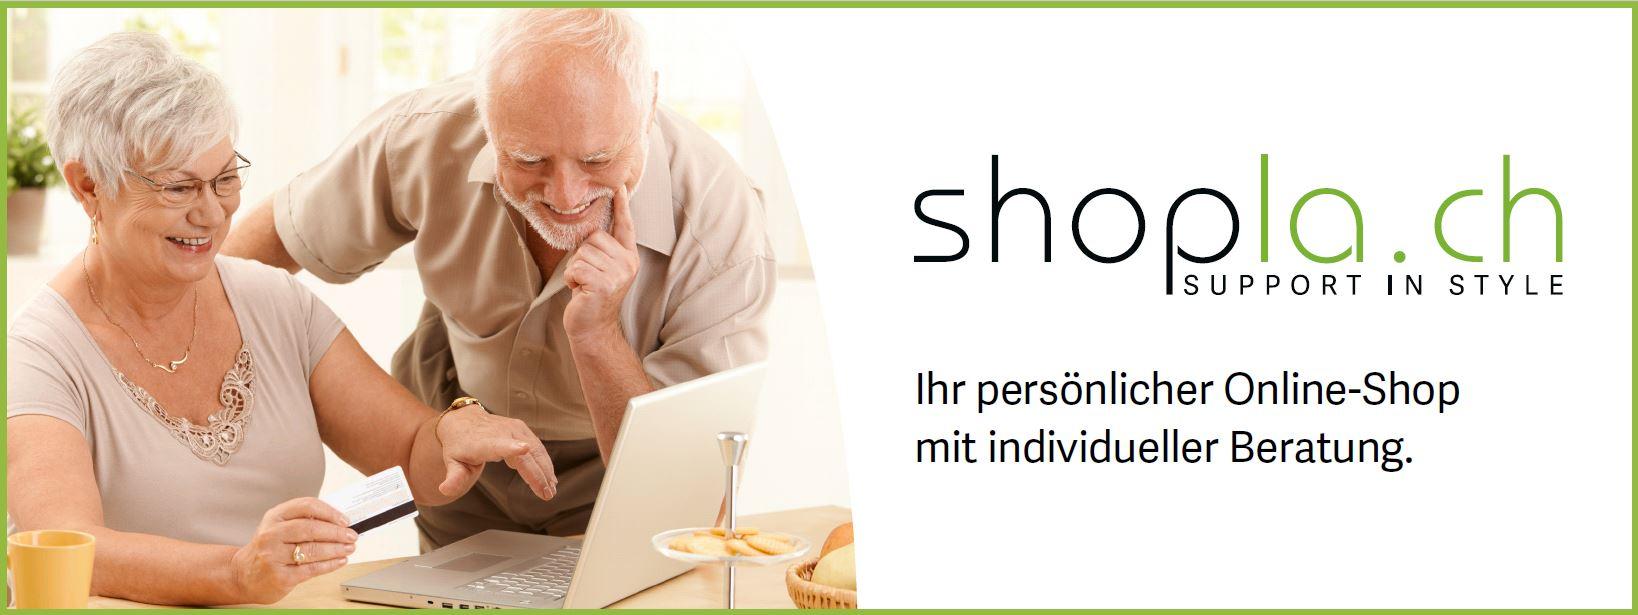 Shopla.ch